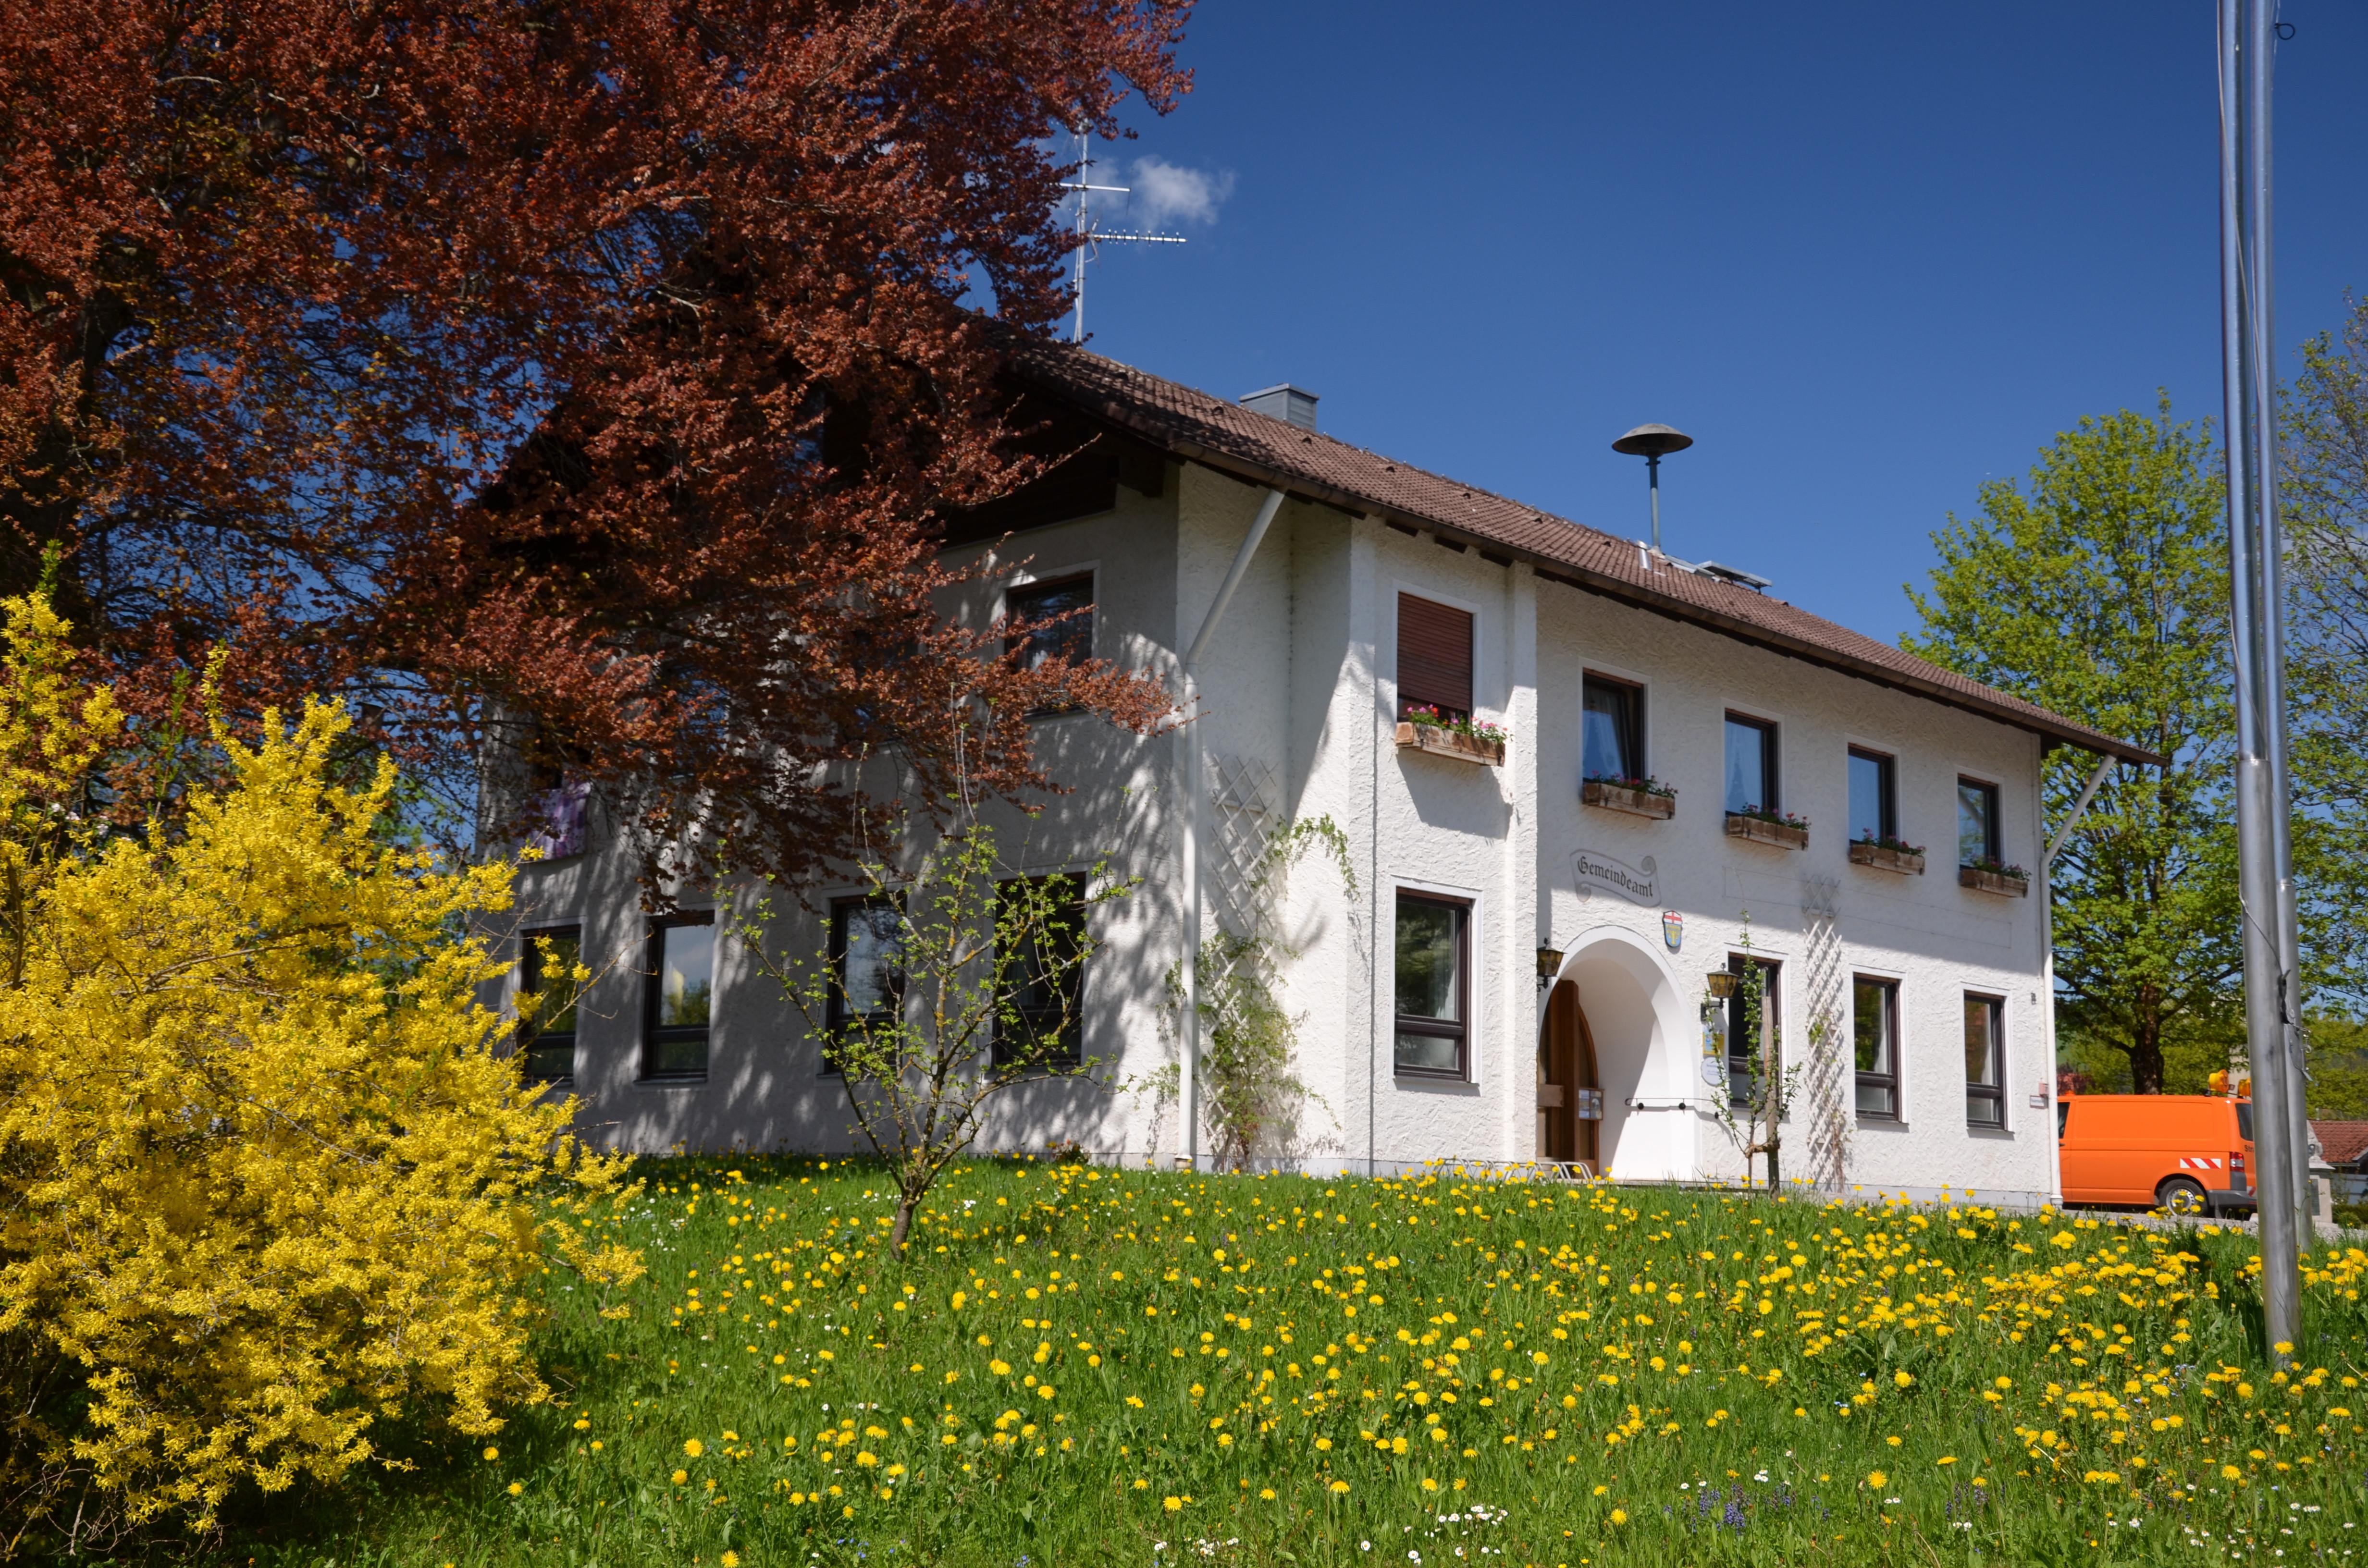 Das Rathaus in Böbing